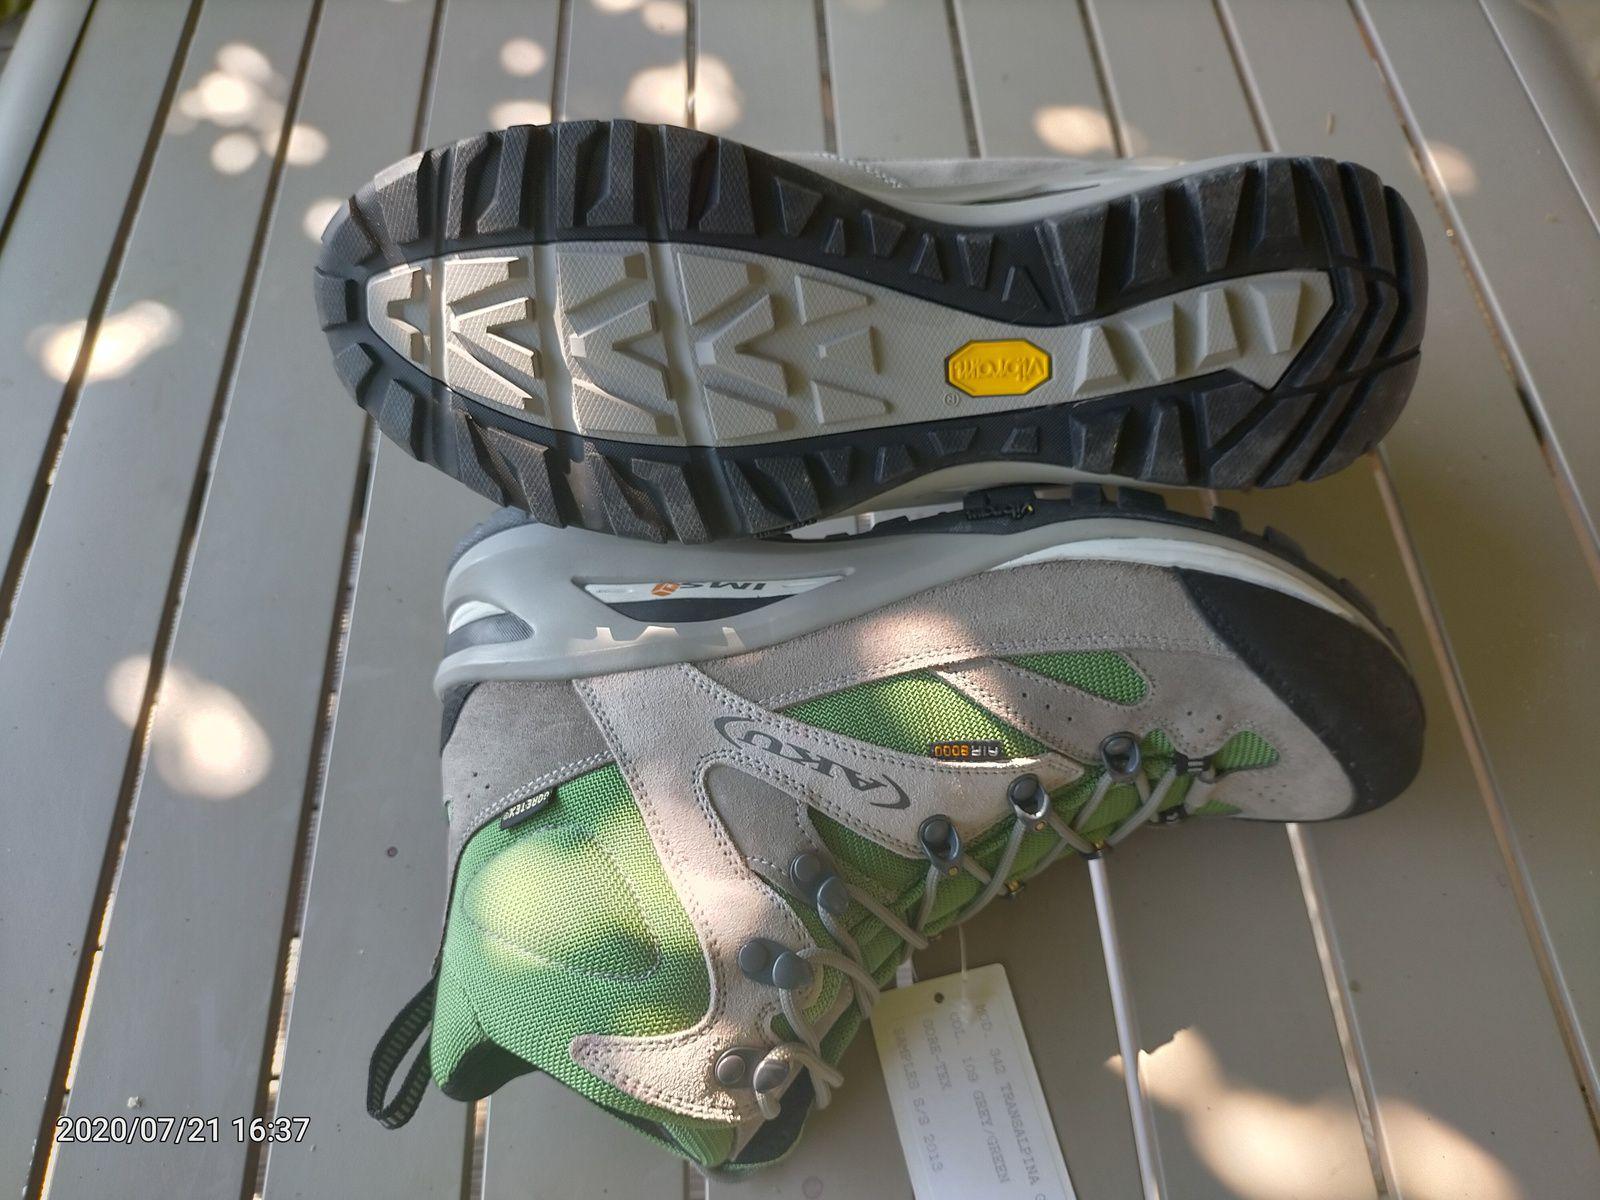 Chaussure de marche neuves, pointure 8 UK, (42) doublure Goretex , semelle Vibram, bon amortie, neuves. 90€